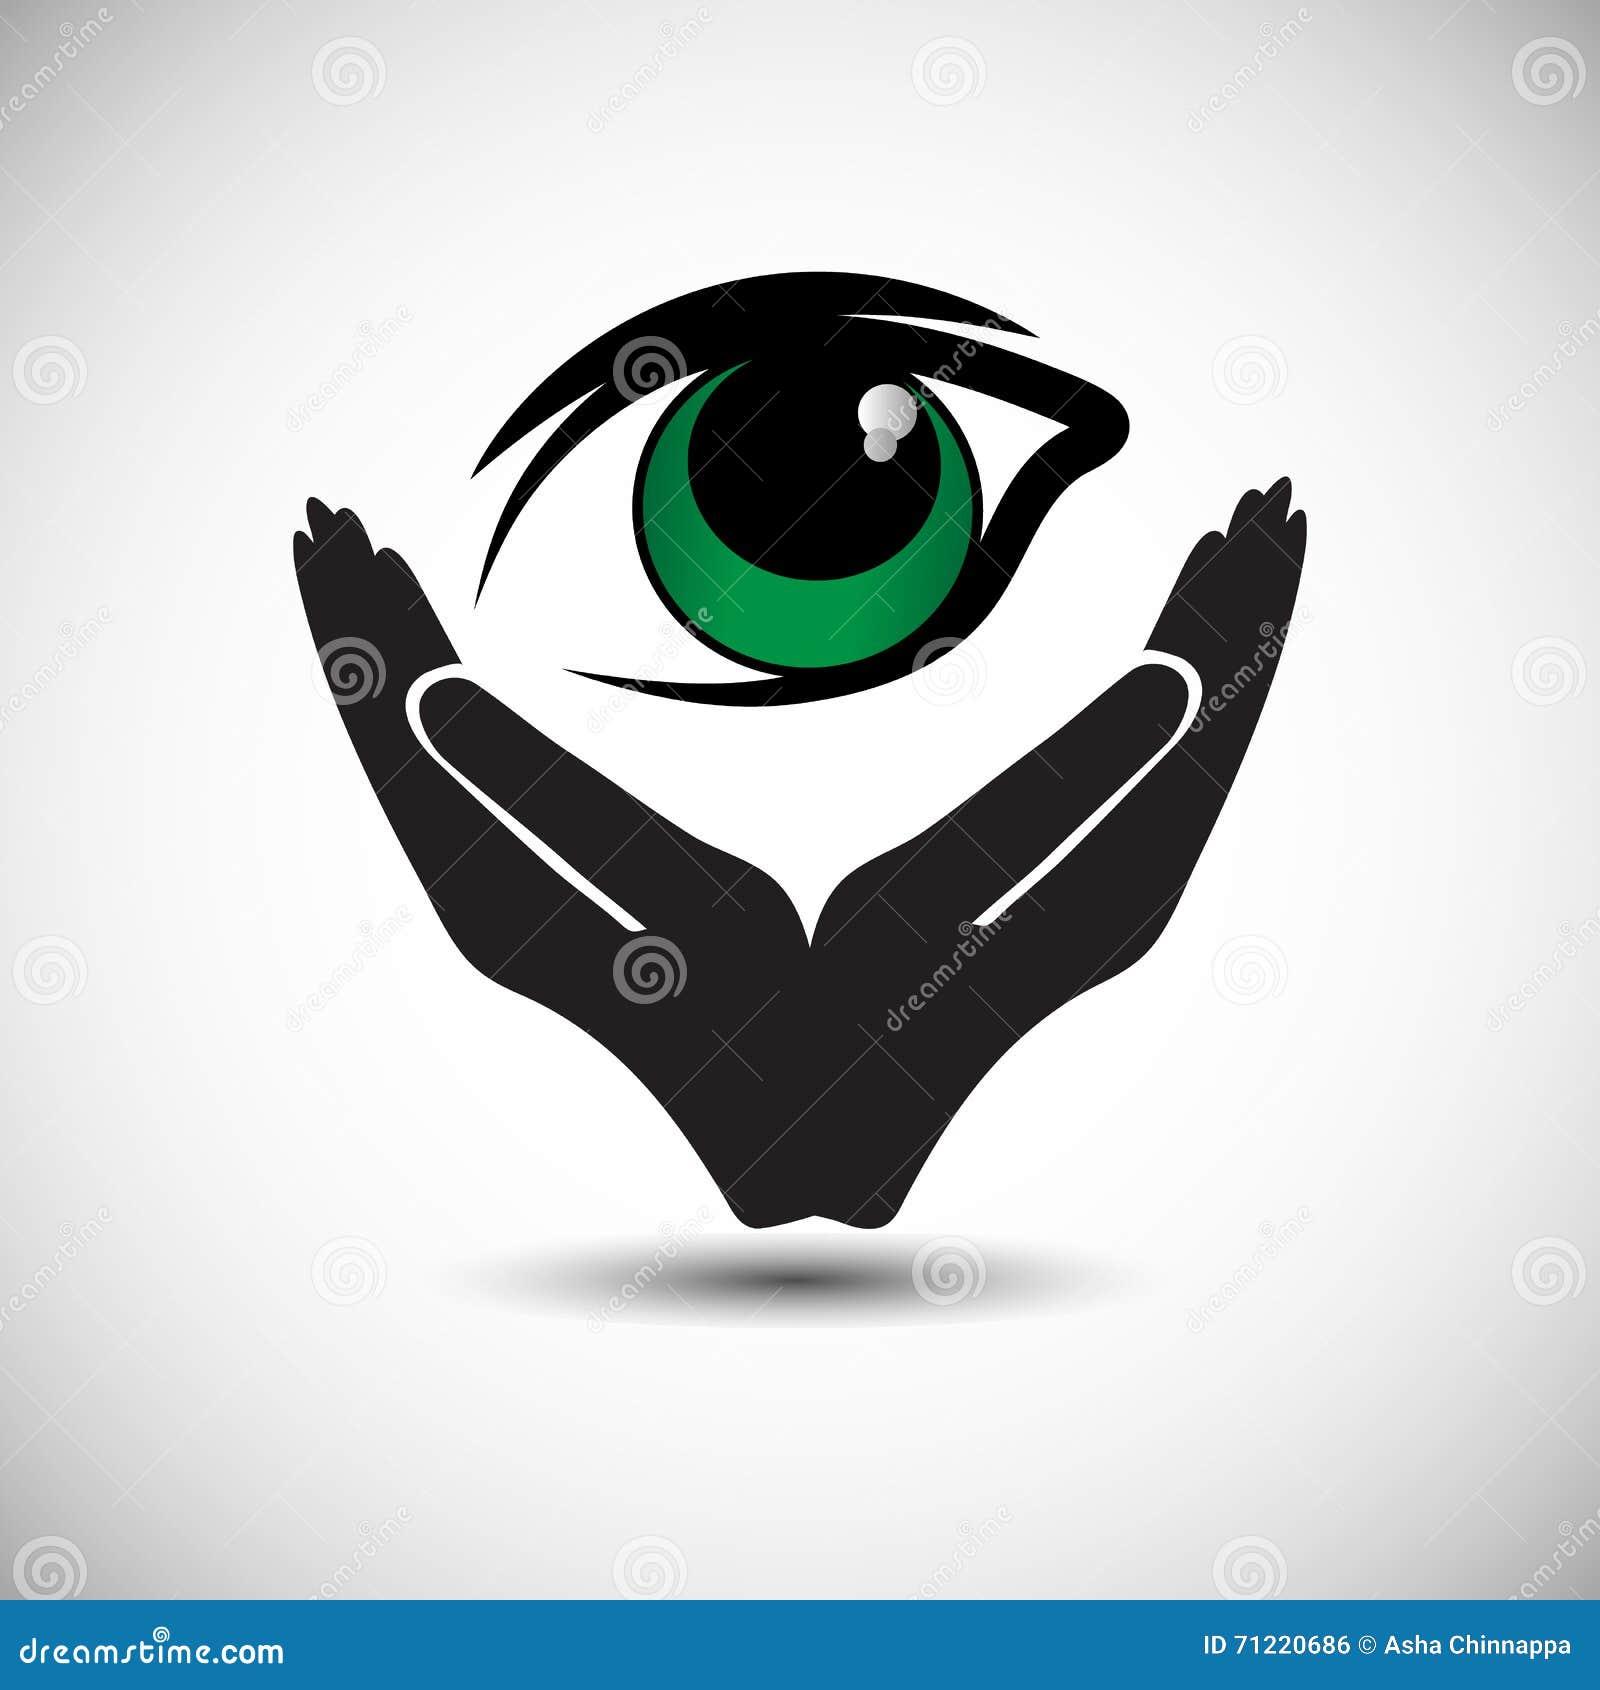 捐赠眼睛在死亡以后和支持人民的一个简单的承诺实现眼睛捐赠愿望